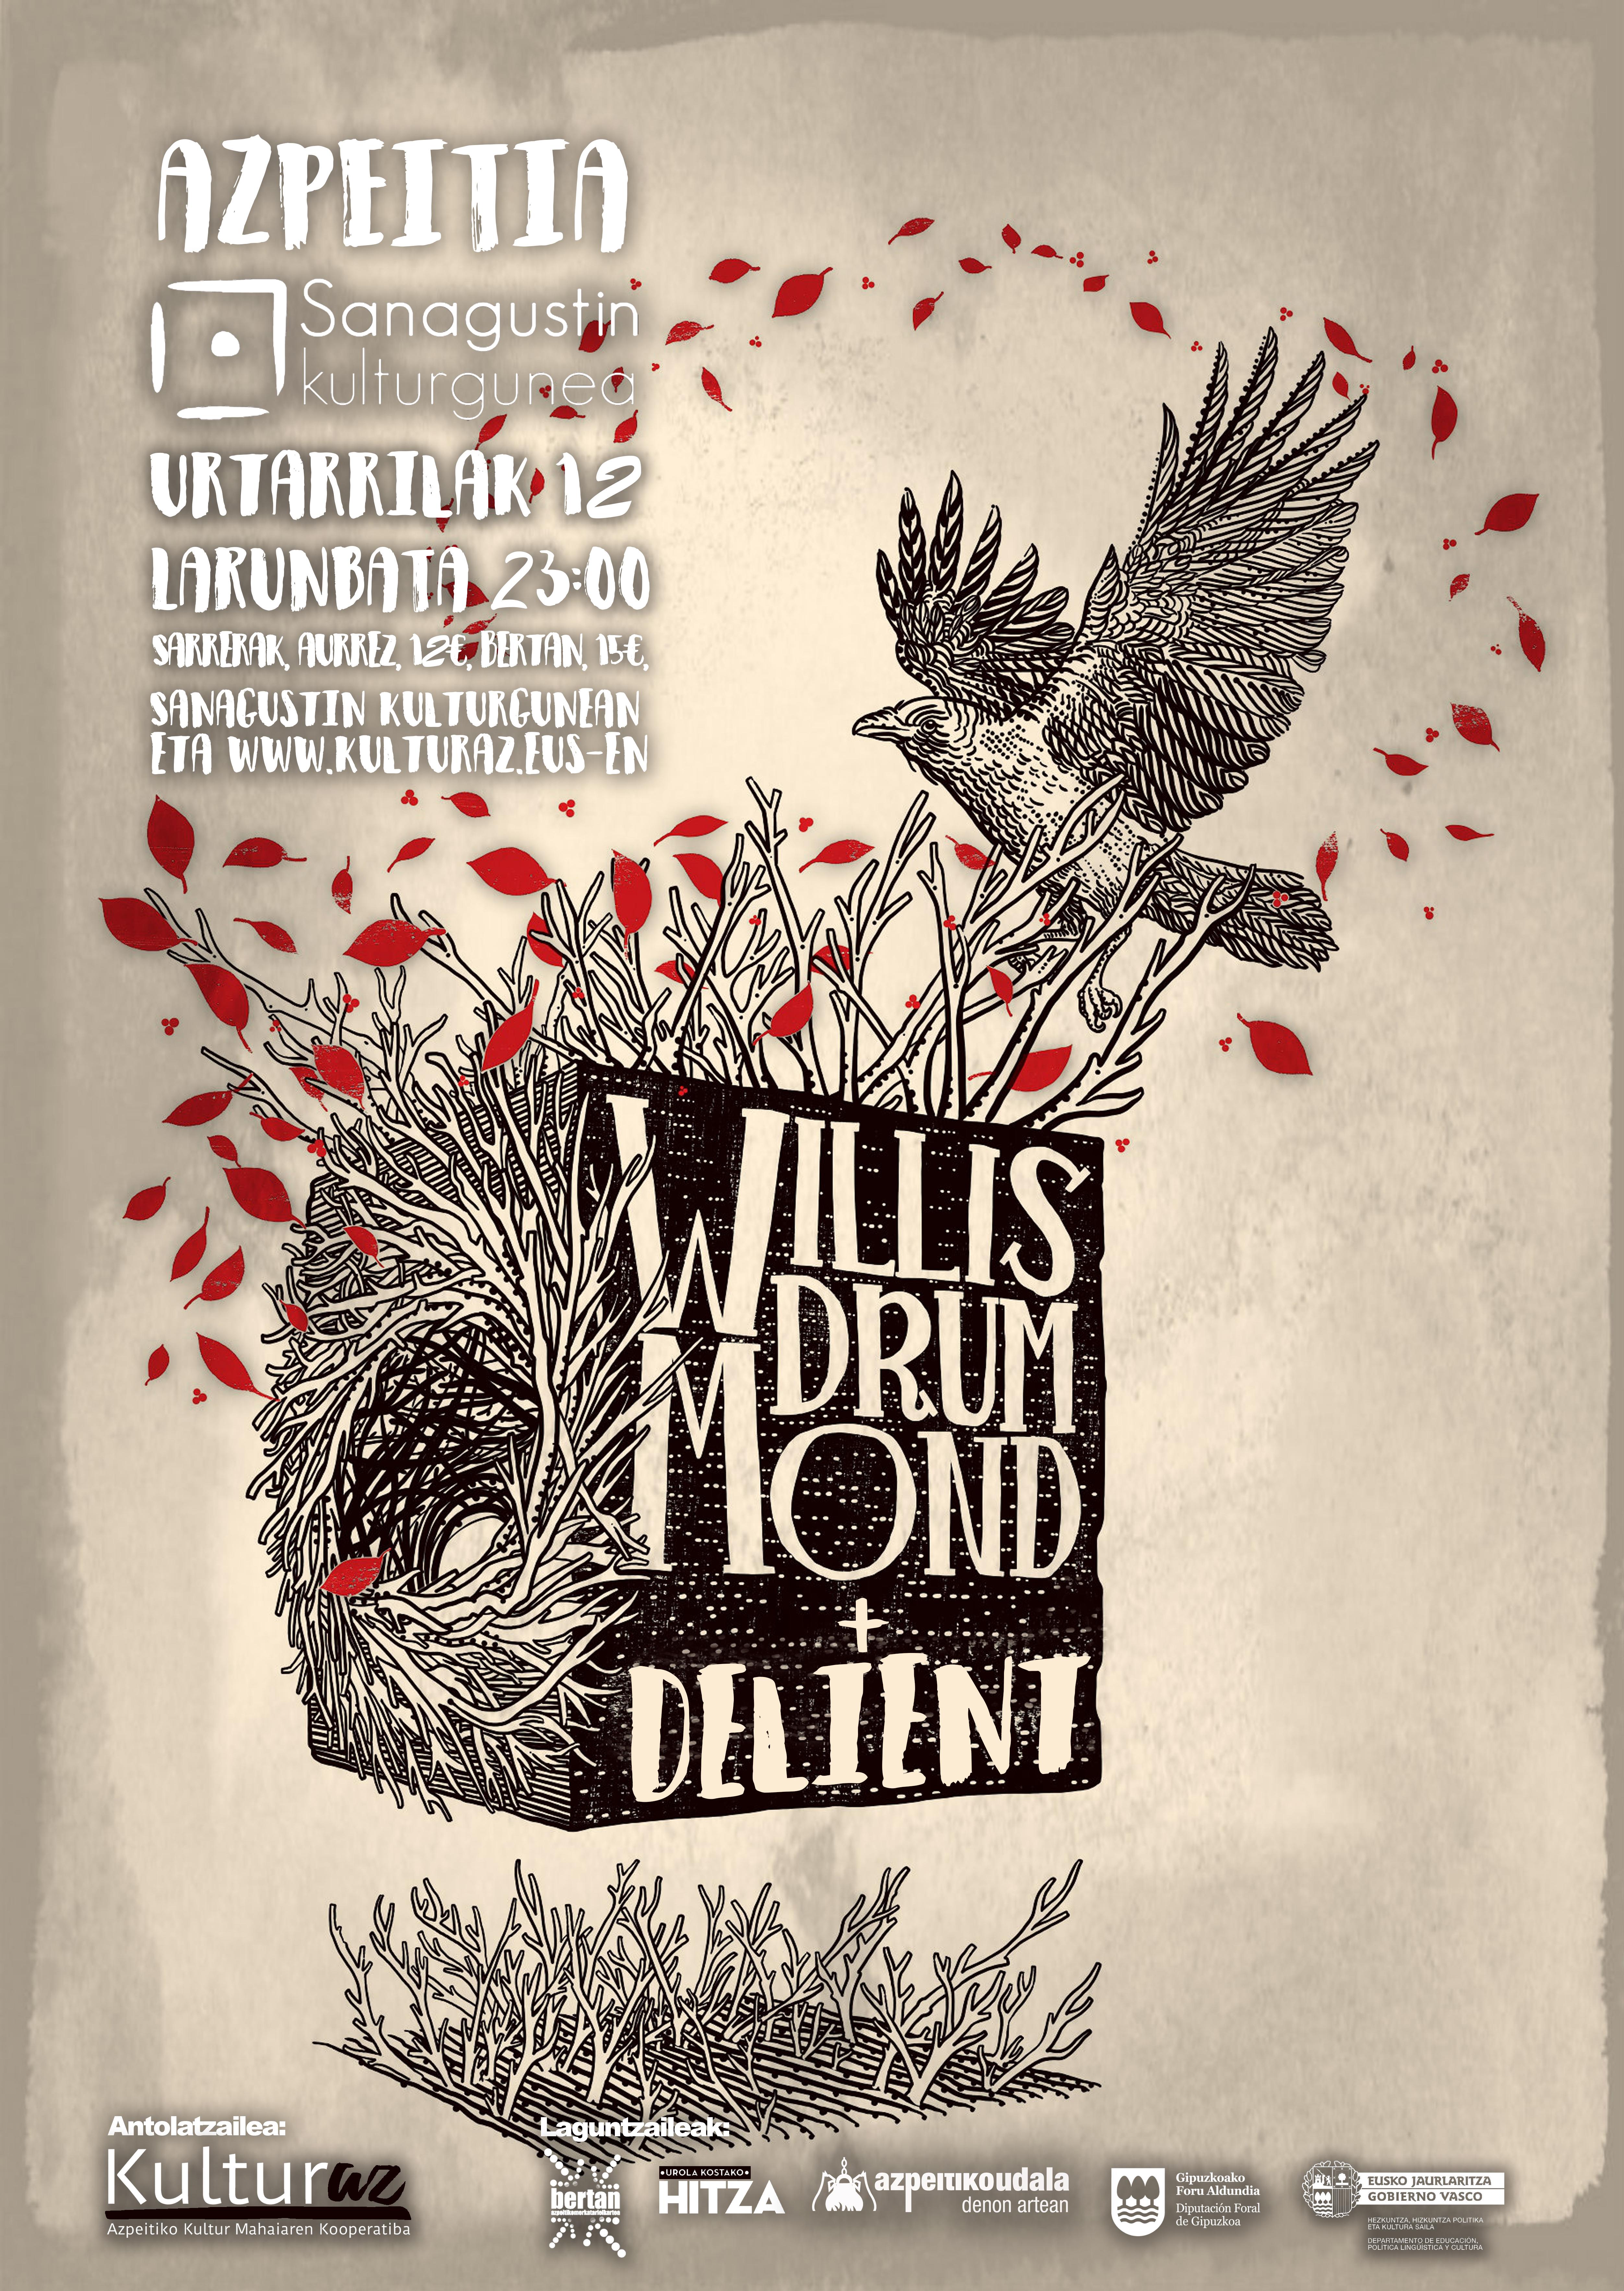 Willis Drummond + Delient